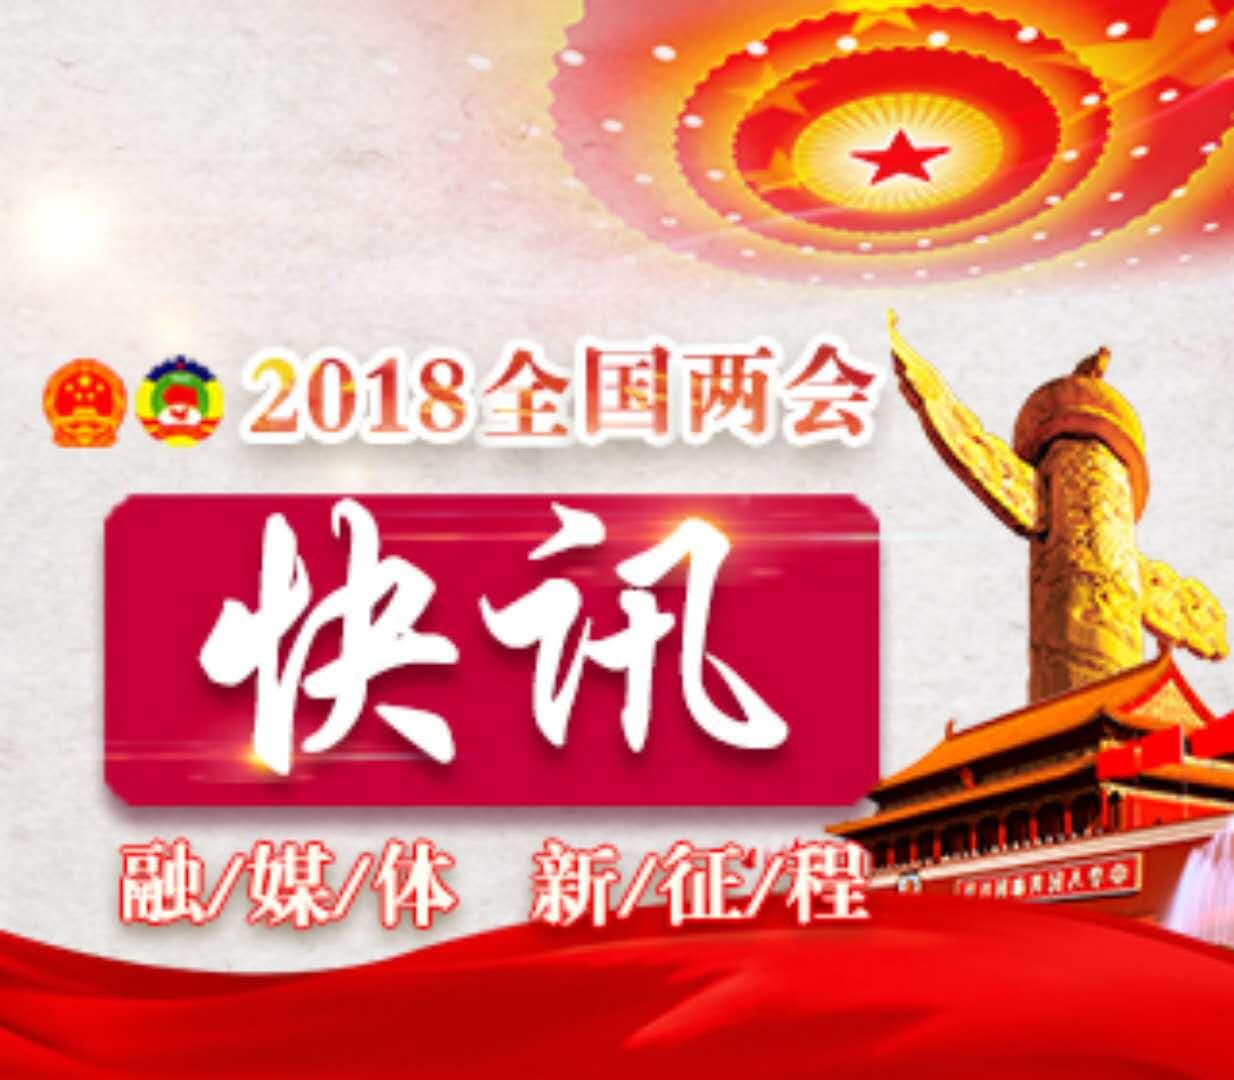 张军当选为中华人民共和国最高人民检察院检察长